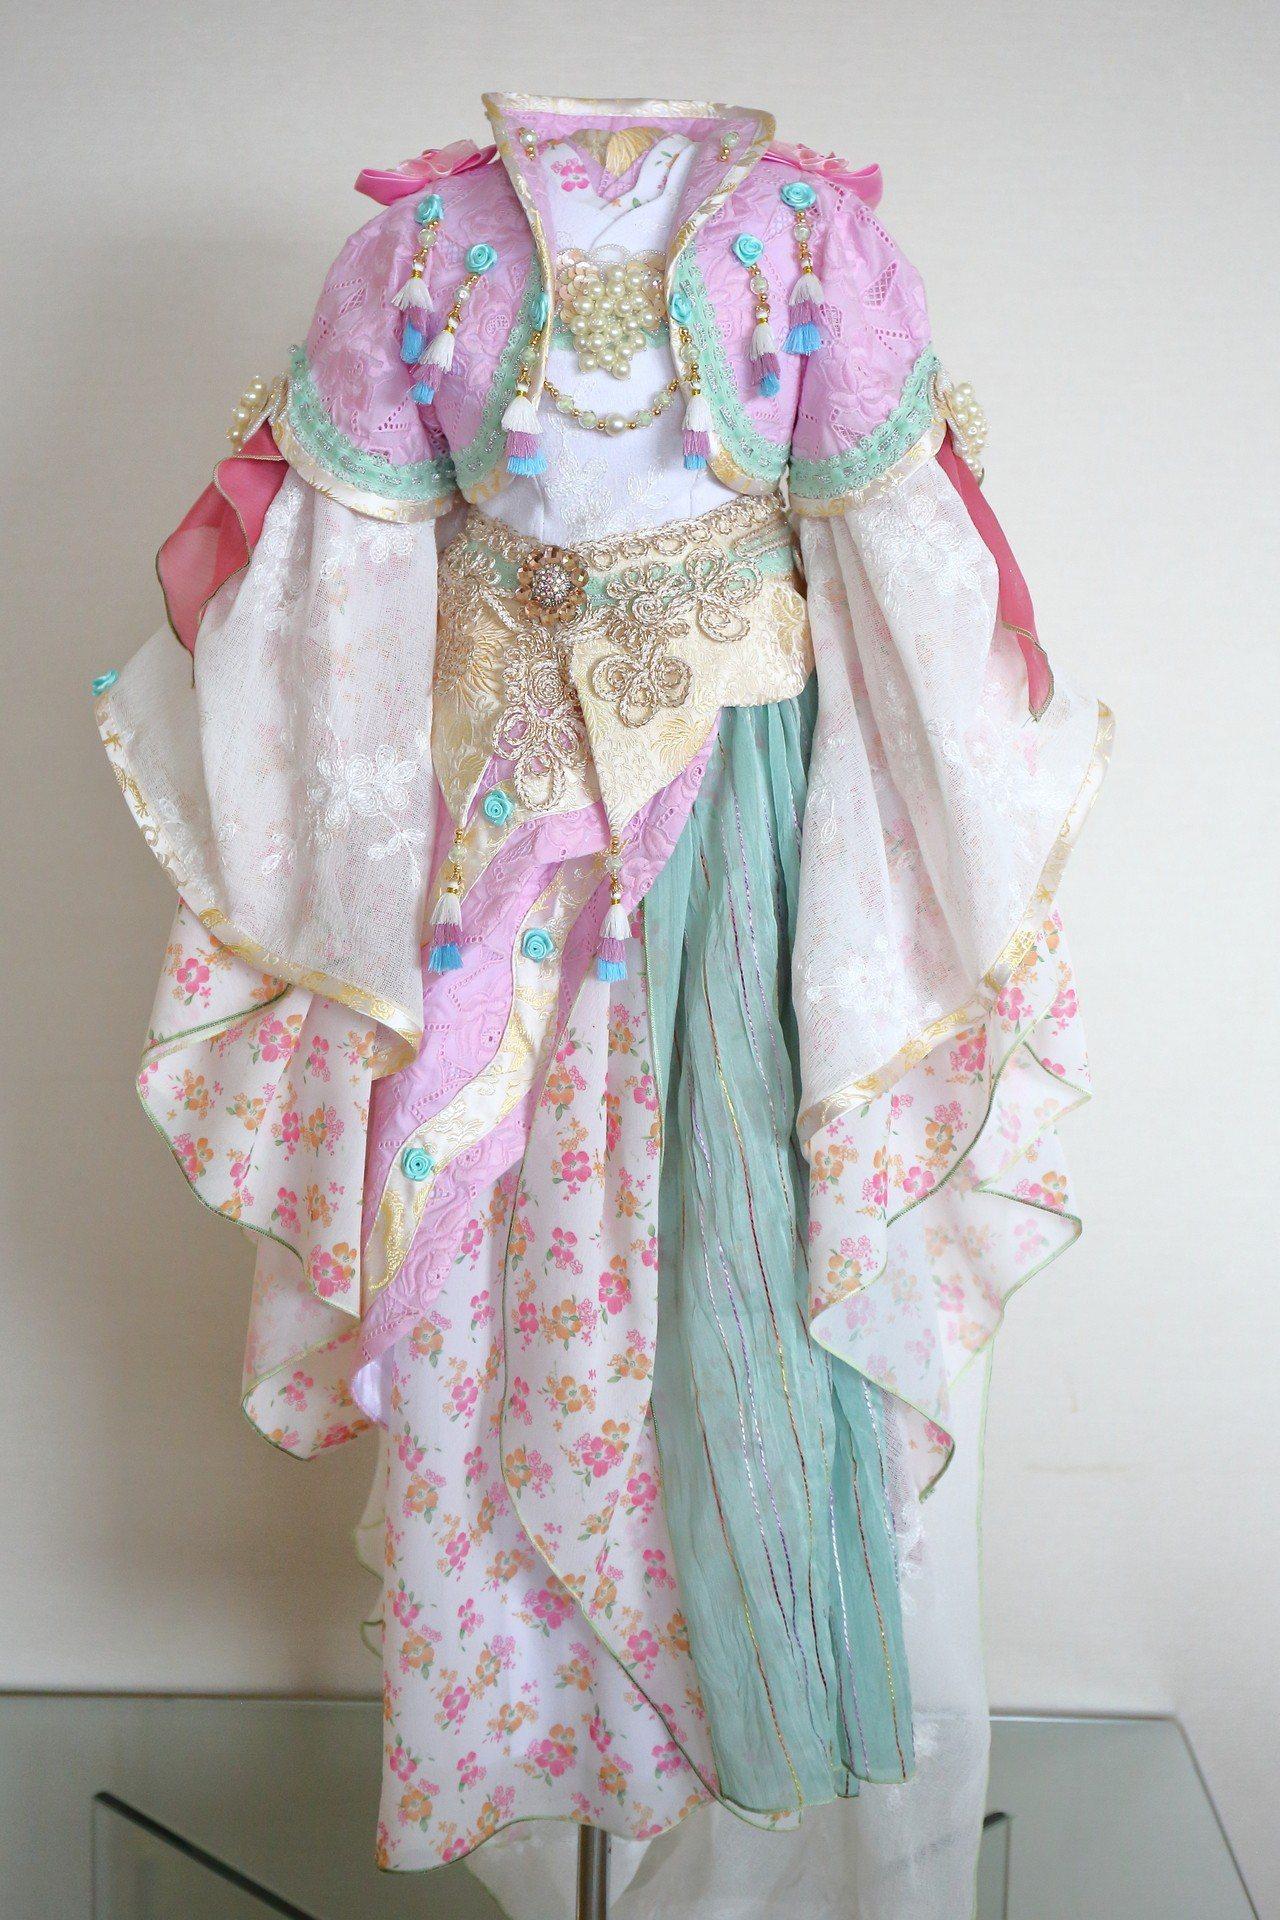 陳有豐製做的偶衣每件要1萬5000元以上 。圖/嚴仁鴻提供